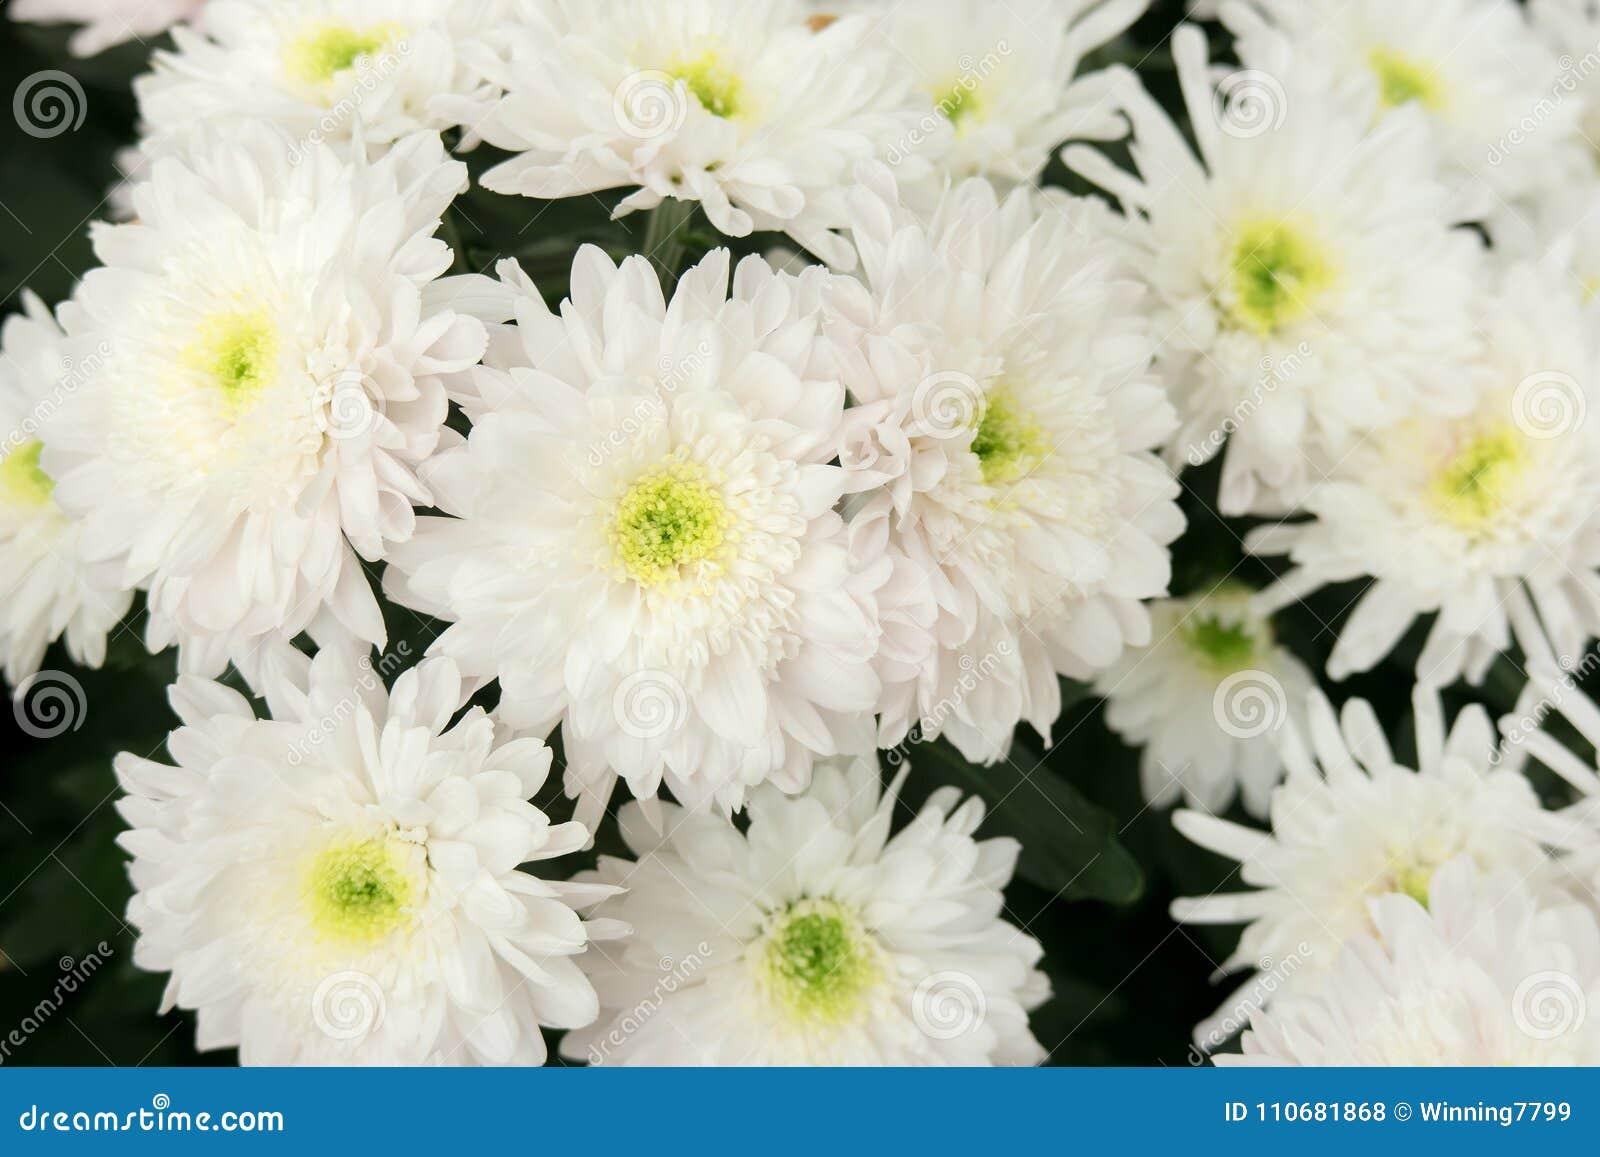 Beautiful White Chrysanthemum Dendranthemum Grandifflora Flower